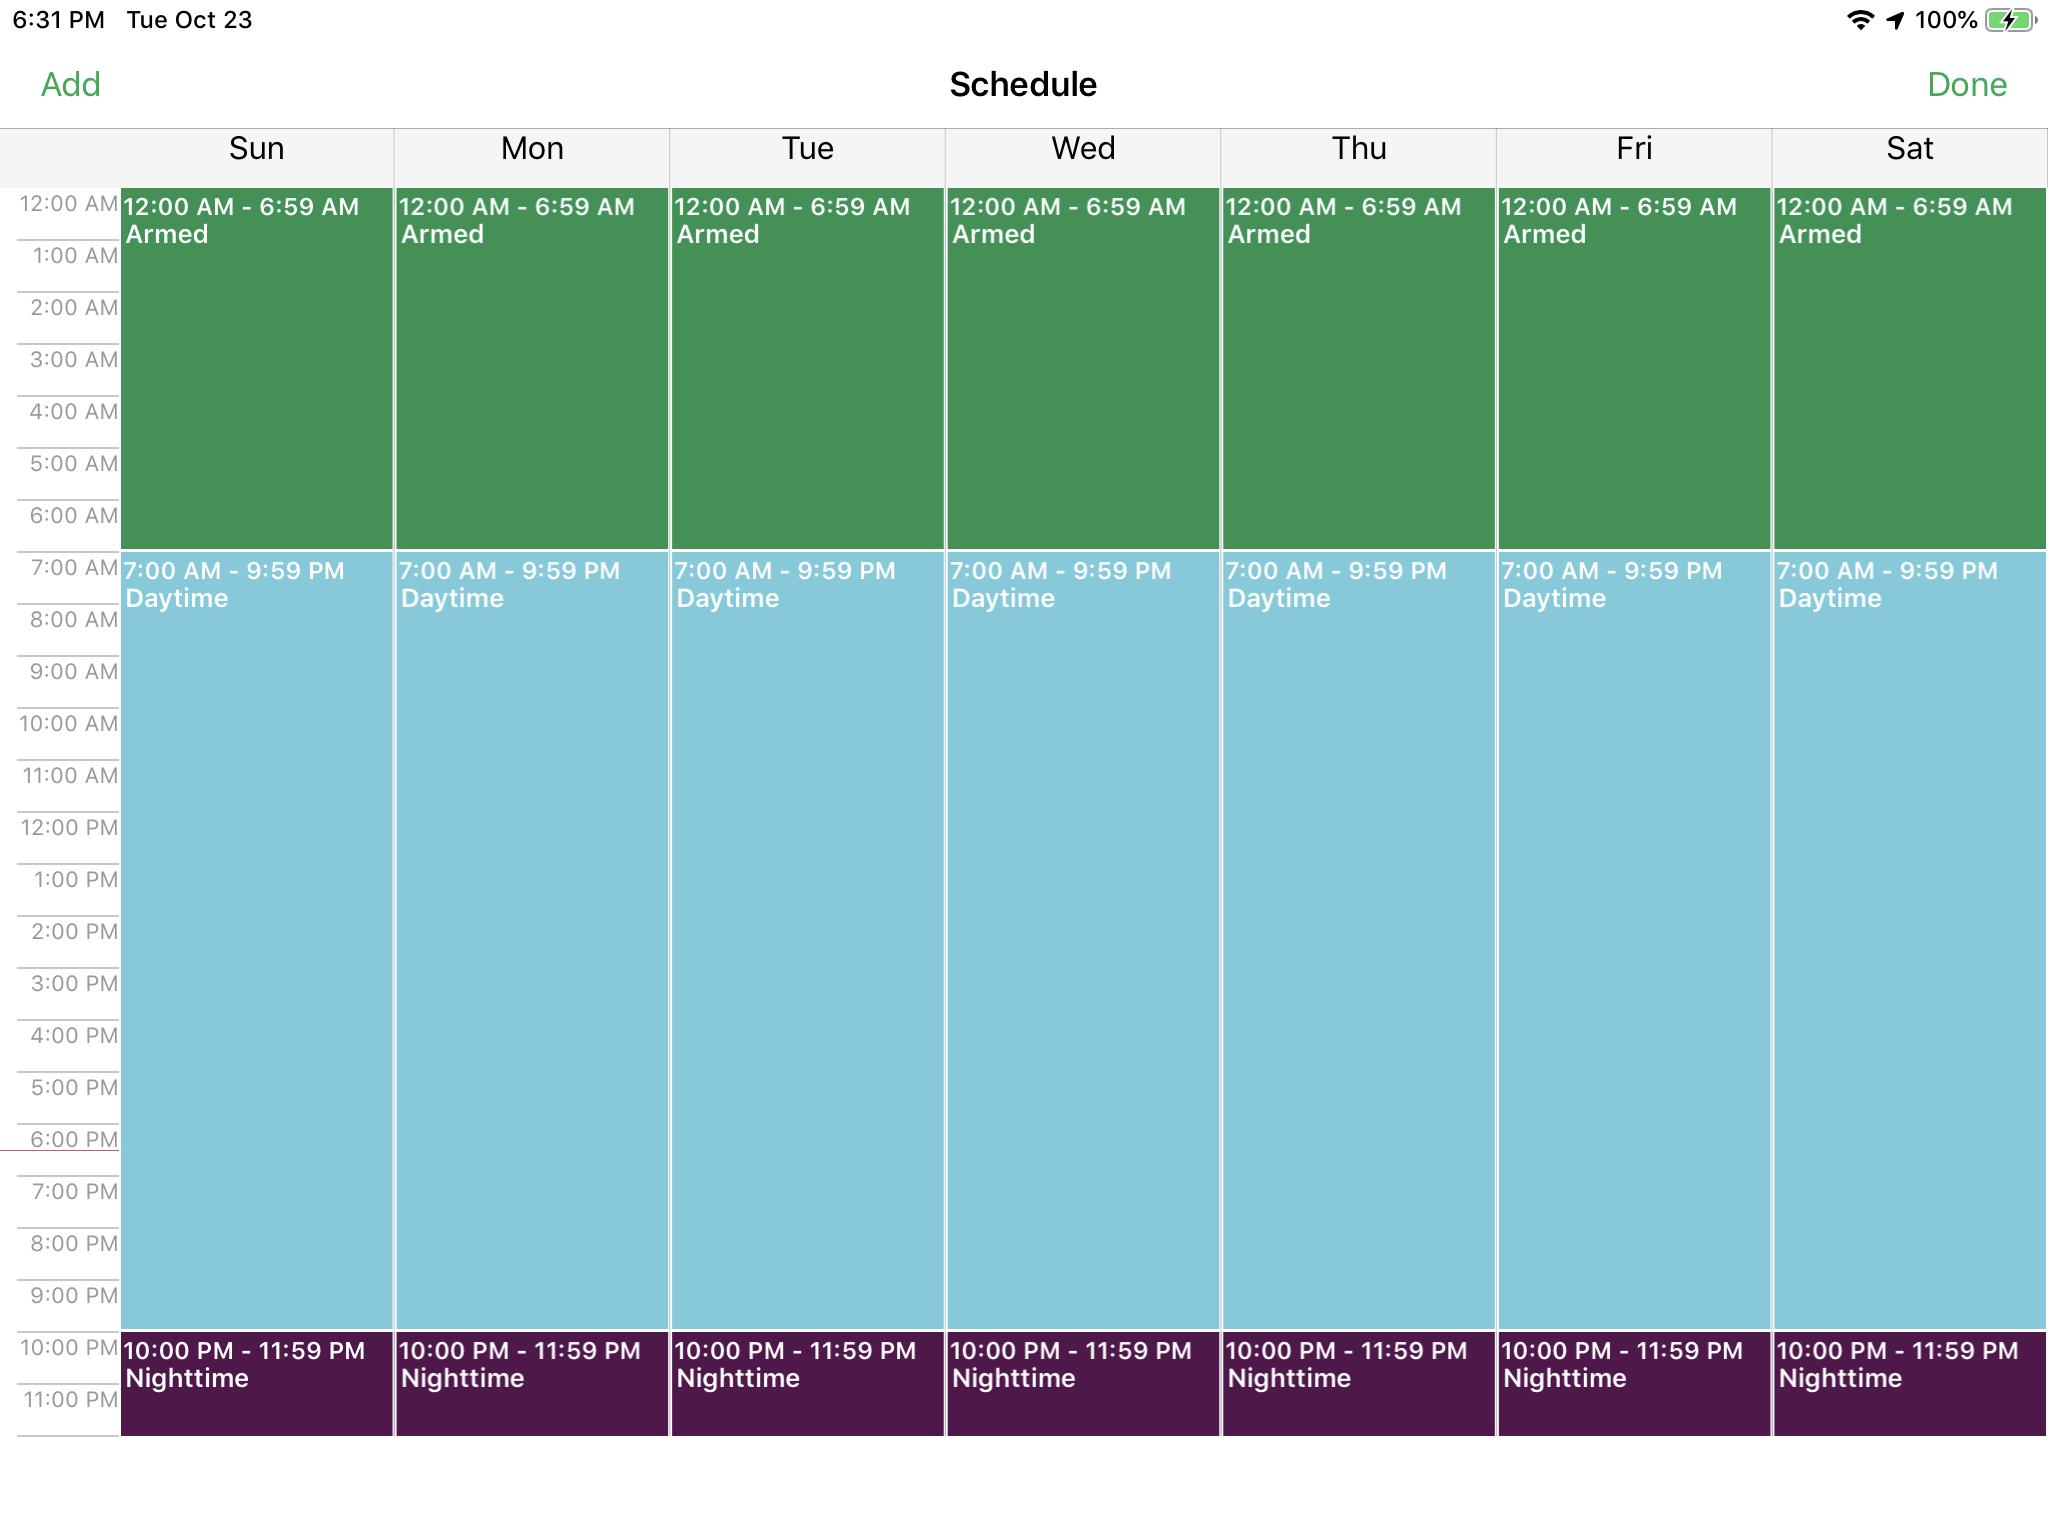 Arlo Pro 2 schedule not working - Arlo Communities